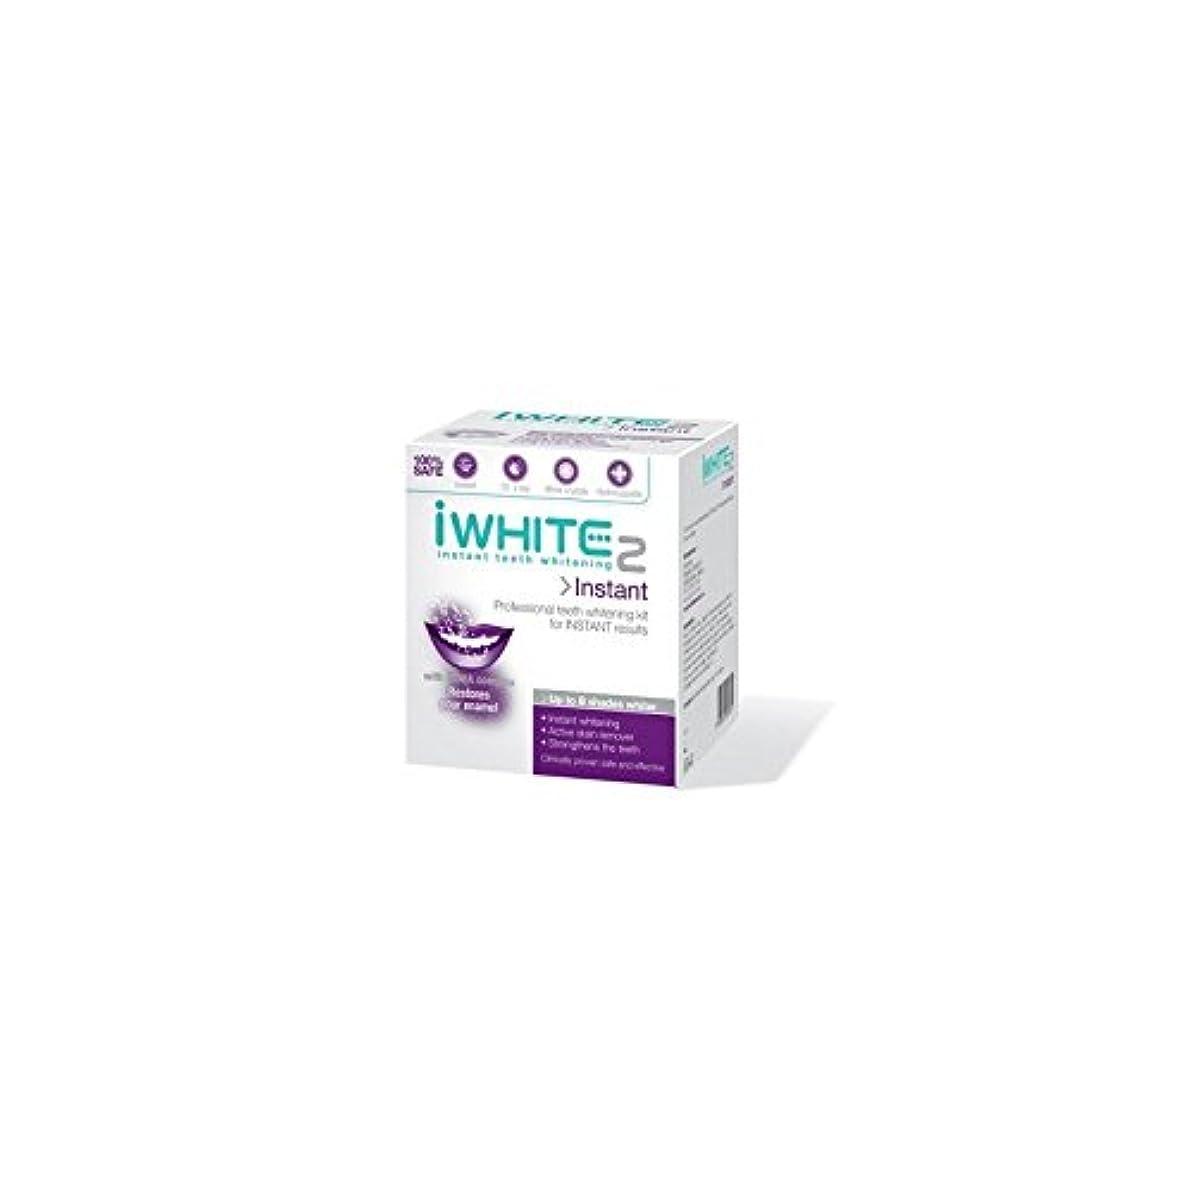 アウトドアむしろセクタiWhite Instant 2 Professional Teeth Whitening Kit (10 Trays) (Pack of 6) - インスタントキットを白く2本のプロ歯(10トレイ) x6 [並行輸入品]